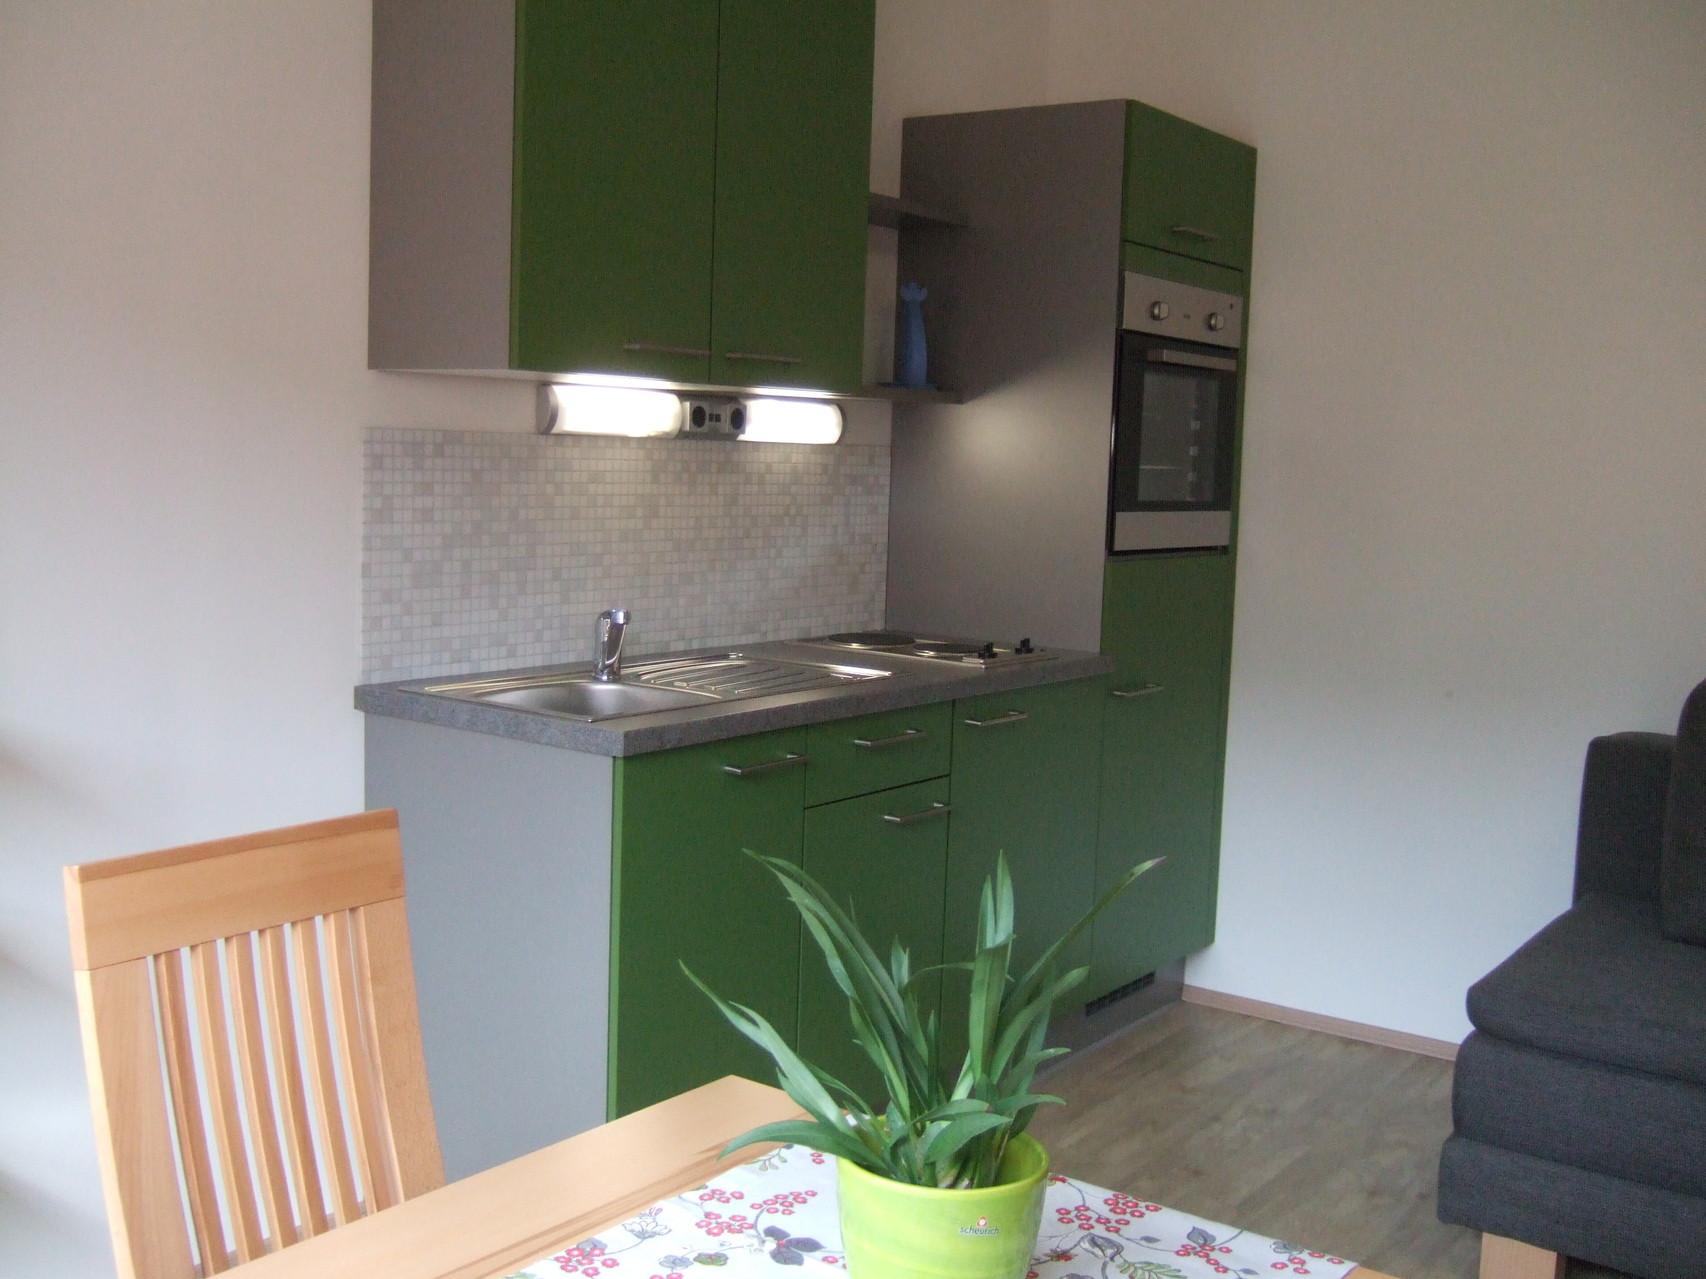 Küchenzeile mit Kühlschrank, 2 Herdplatten und Backrohr